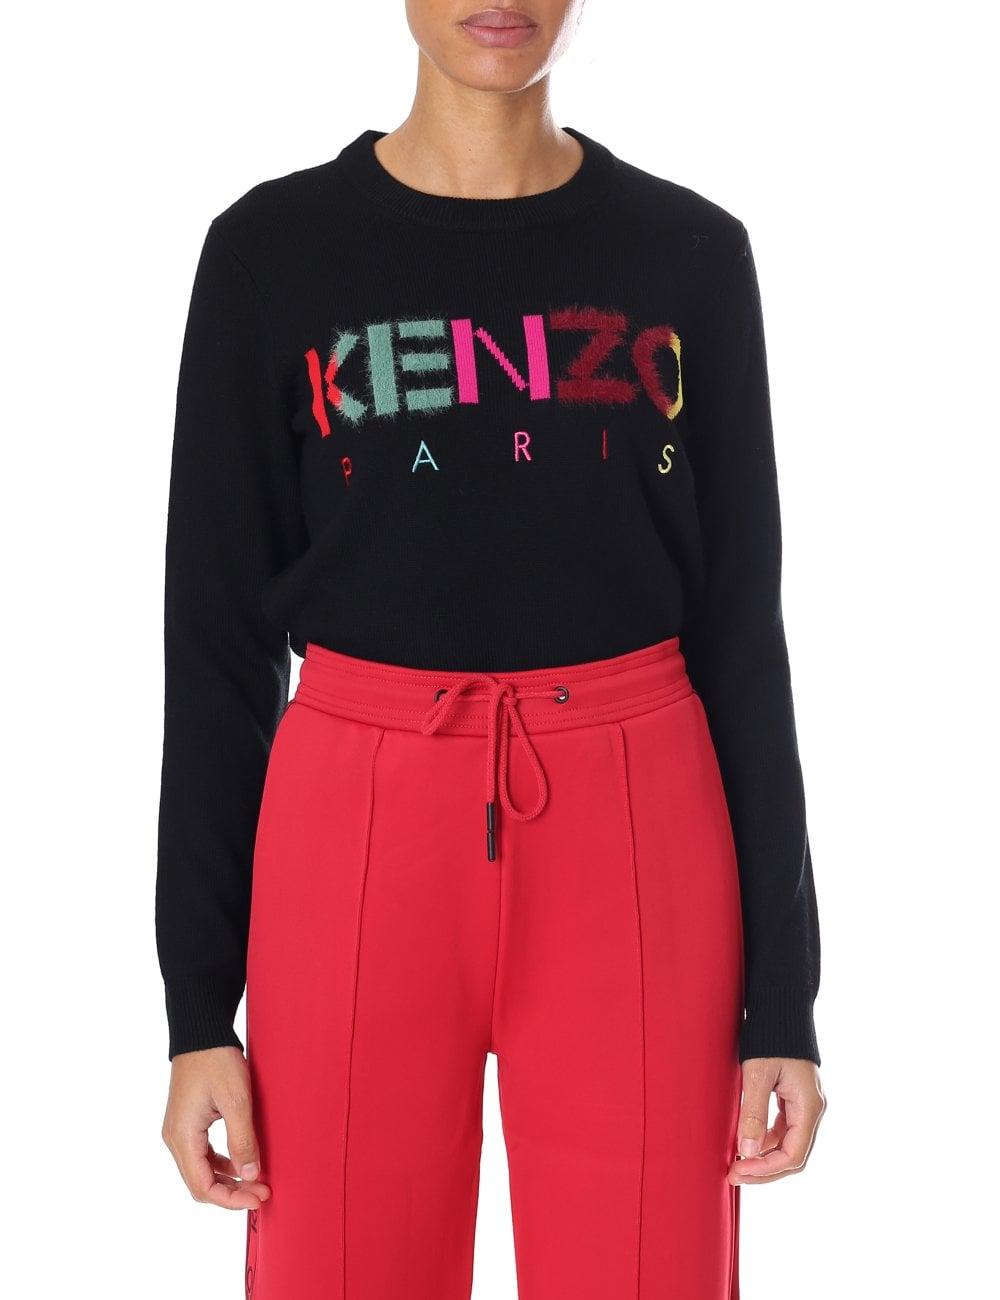 77f22b2dd5b Kenzo Women's Paris Jumper